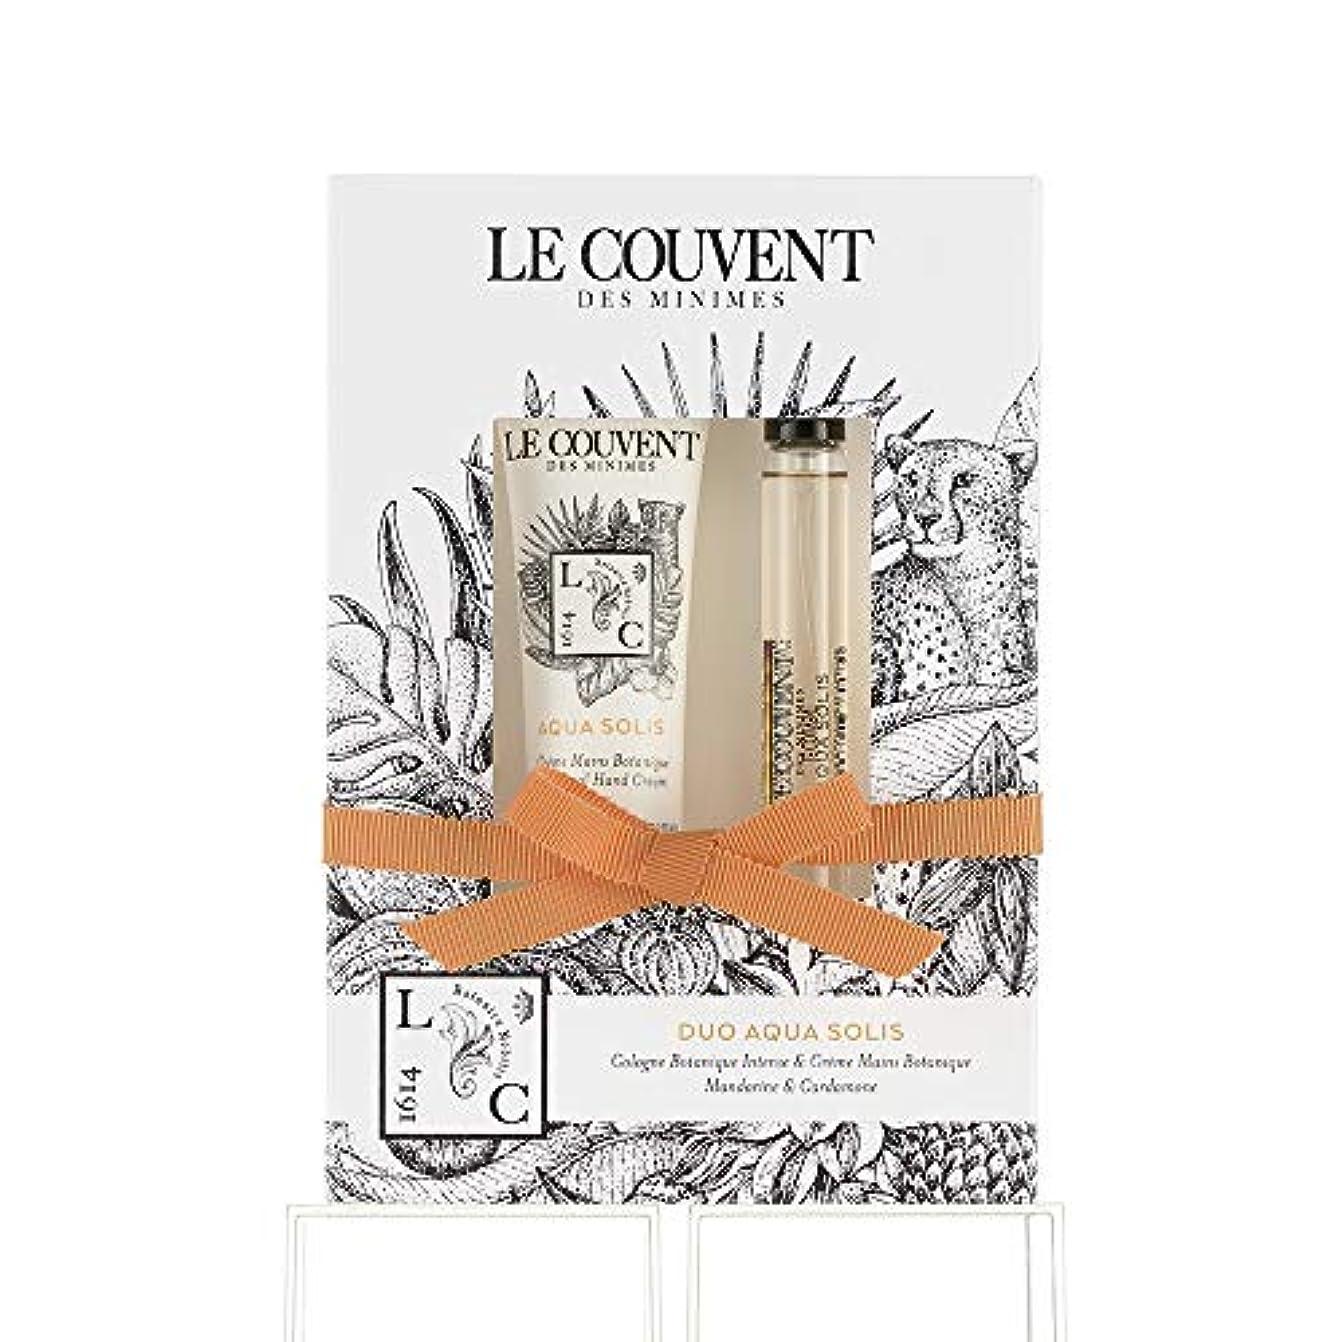 誤解するカビ欺くクヴォン?デ?ミニム(Le Couvent des Minimes) ボタニカルデュオ ボタニカルコロン アクアソリス10mL×1、アクアソリス ハンドクリーム30g×1